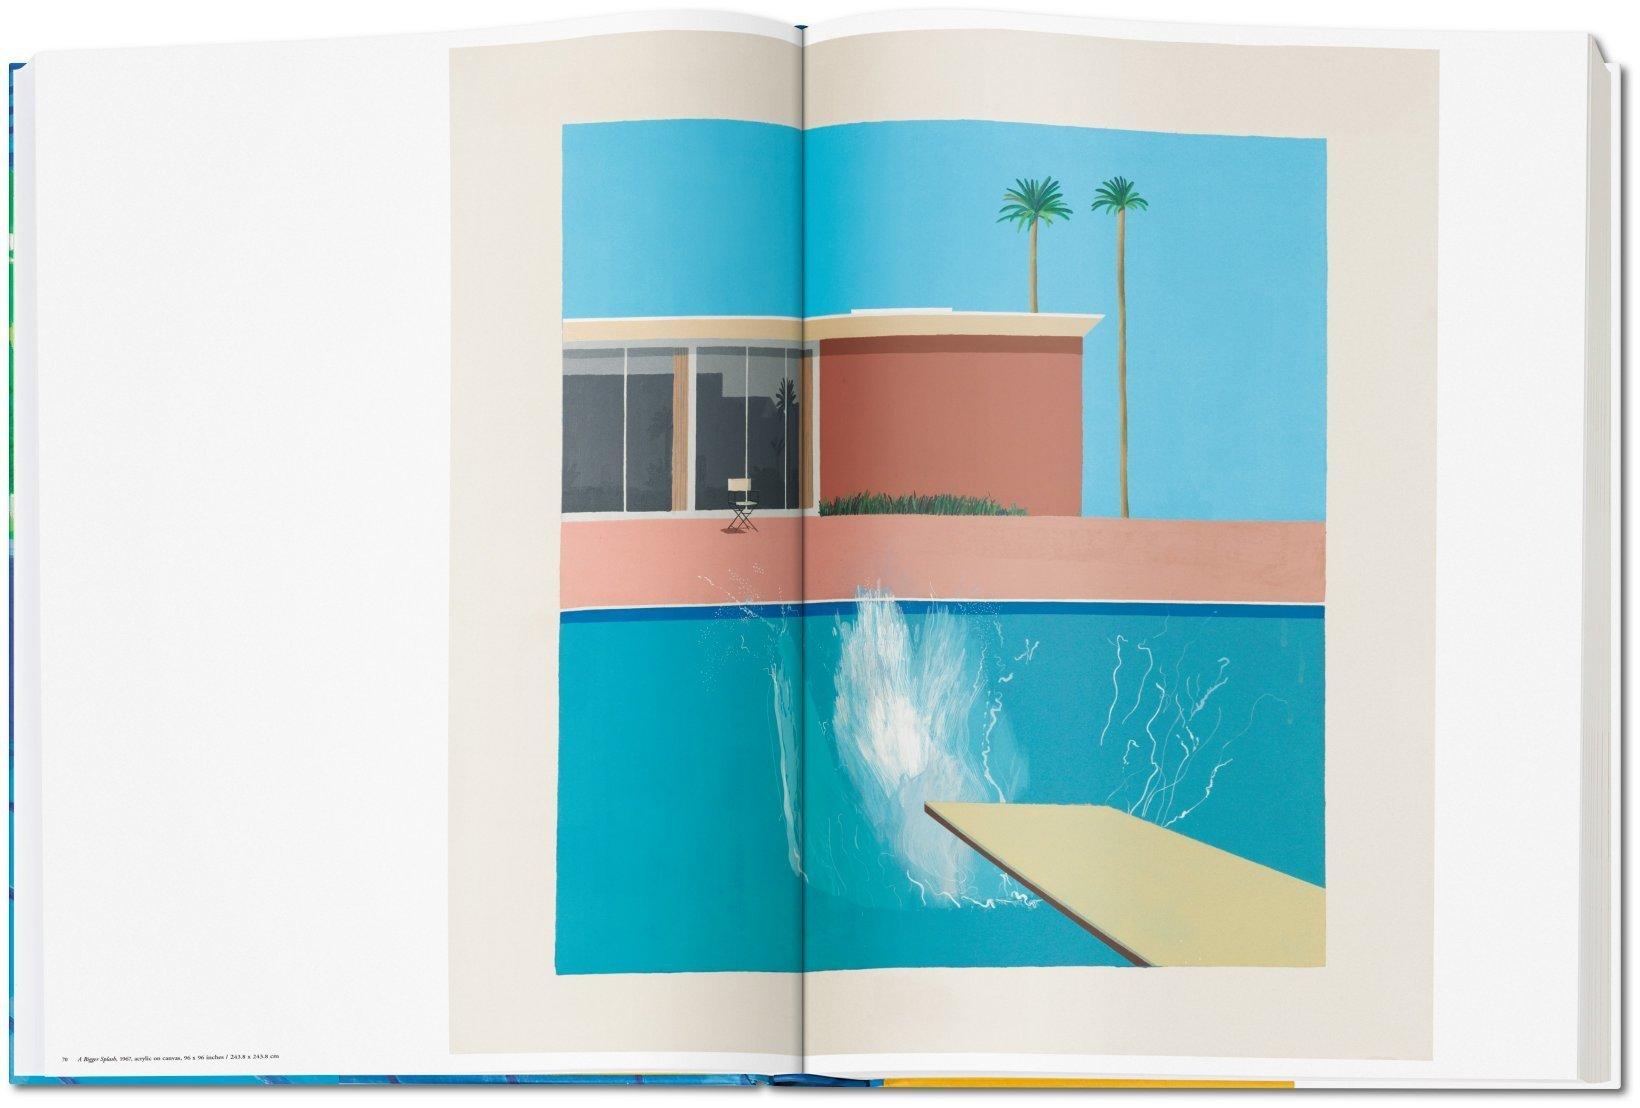 """Das Foto zeigt das Gemälde """"A Bigger Splash, 1967"""" aus dem Buch: David Hockney - A Bigger Book, das im TASCHEN Verlag erschienen ist."""